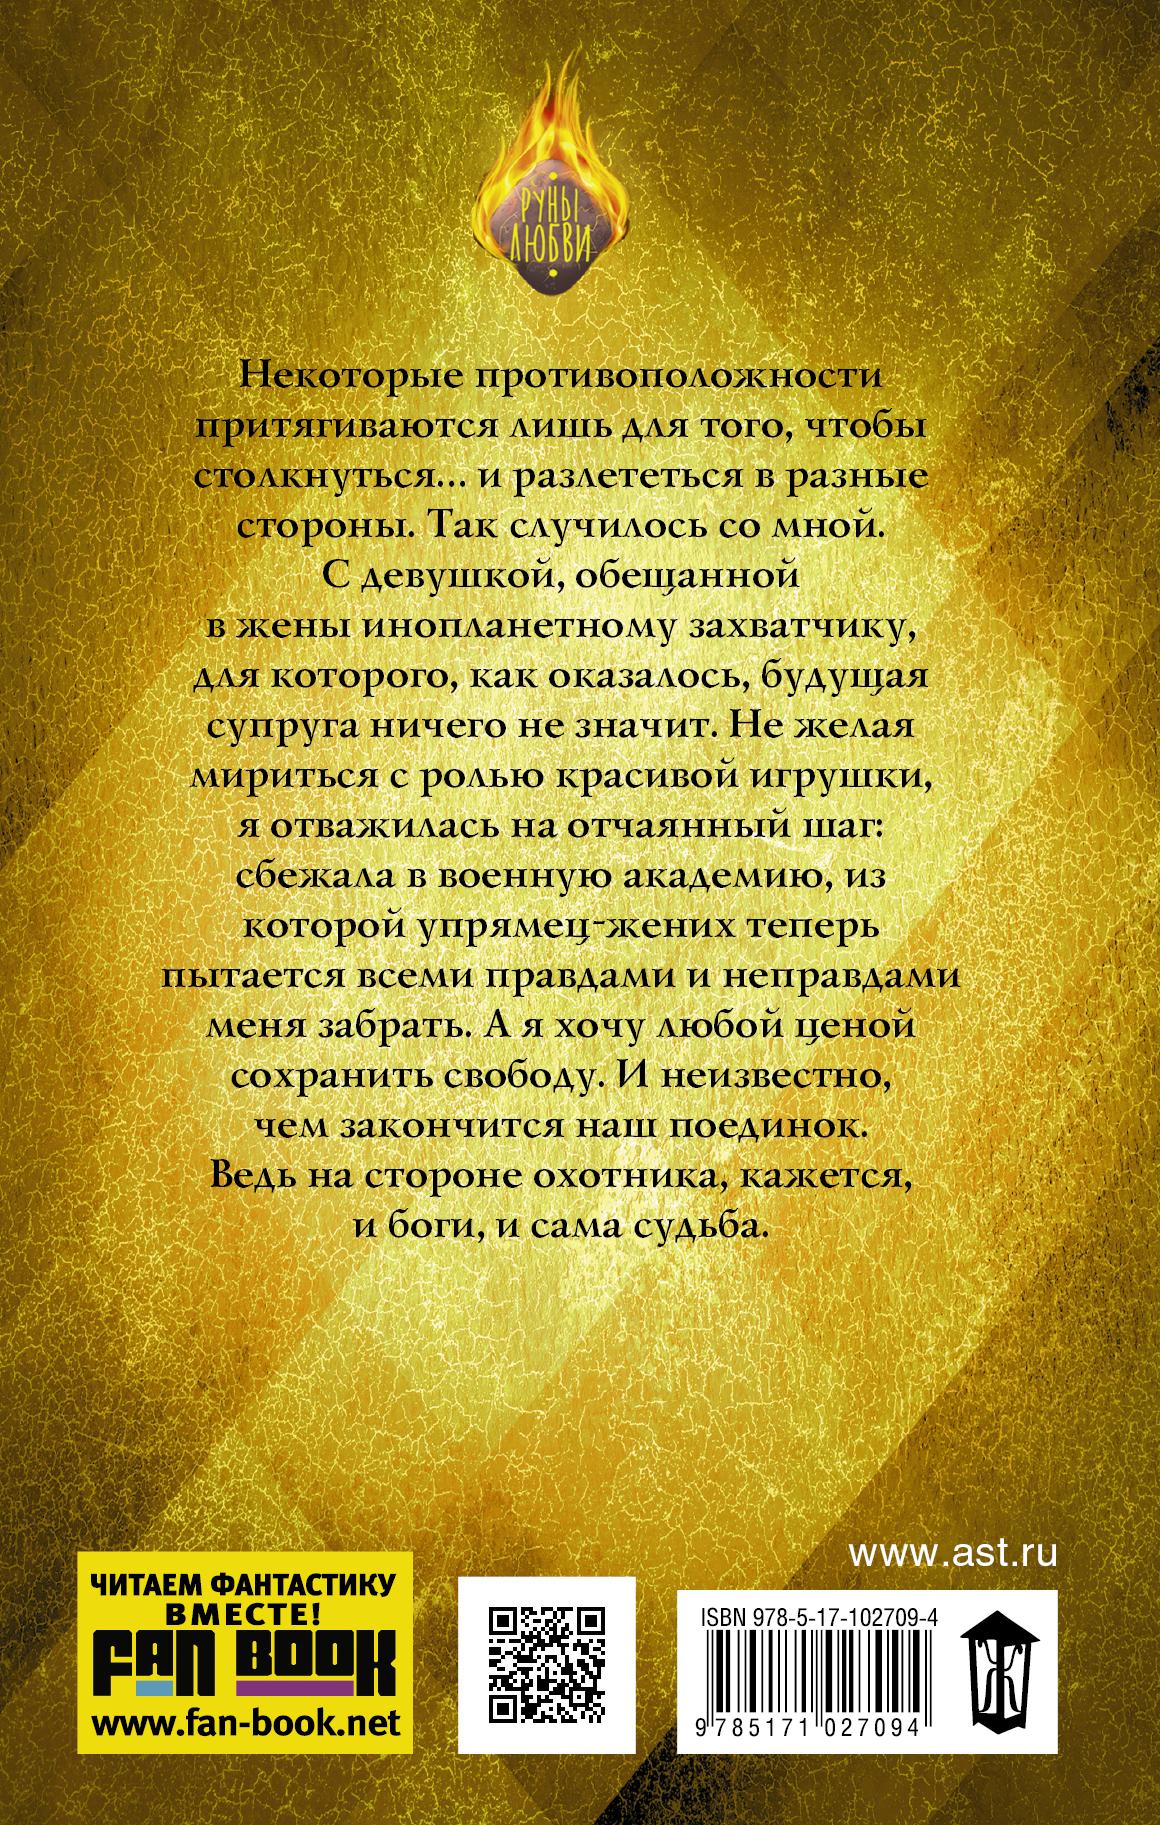 Пепел погасшей звезды. Валерия Чернованова